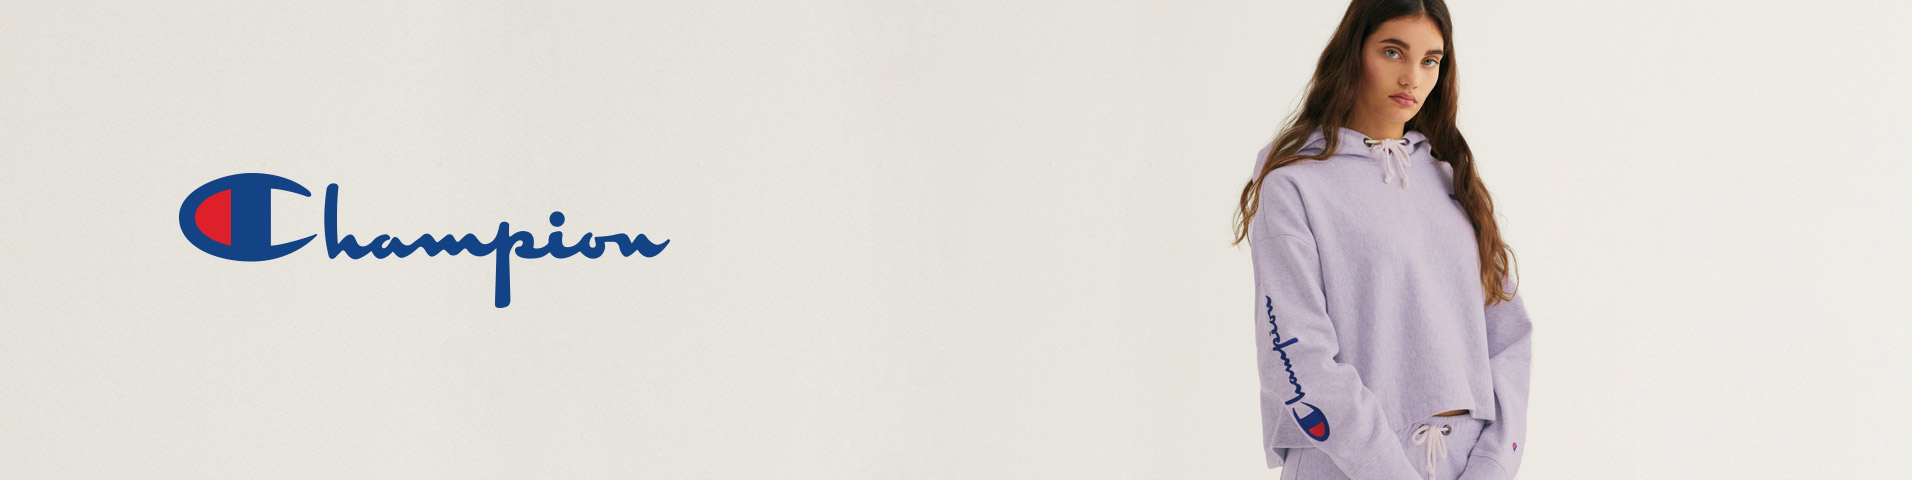 38ae389a9f Ponadczasowa odzież damska Champion Reverse Weave w Zalando! Zobacz ...